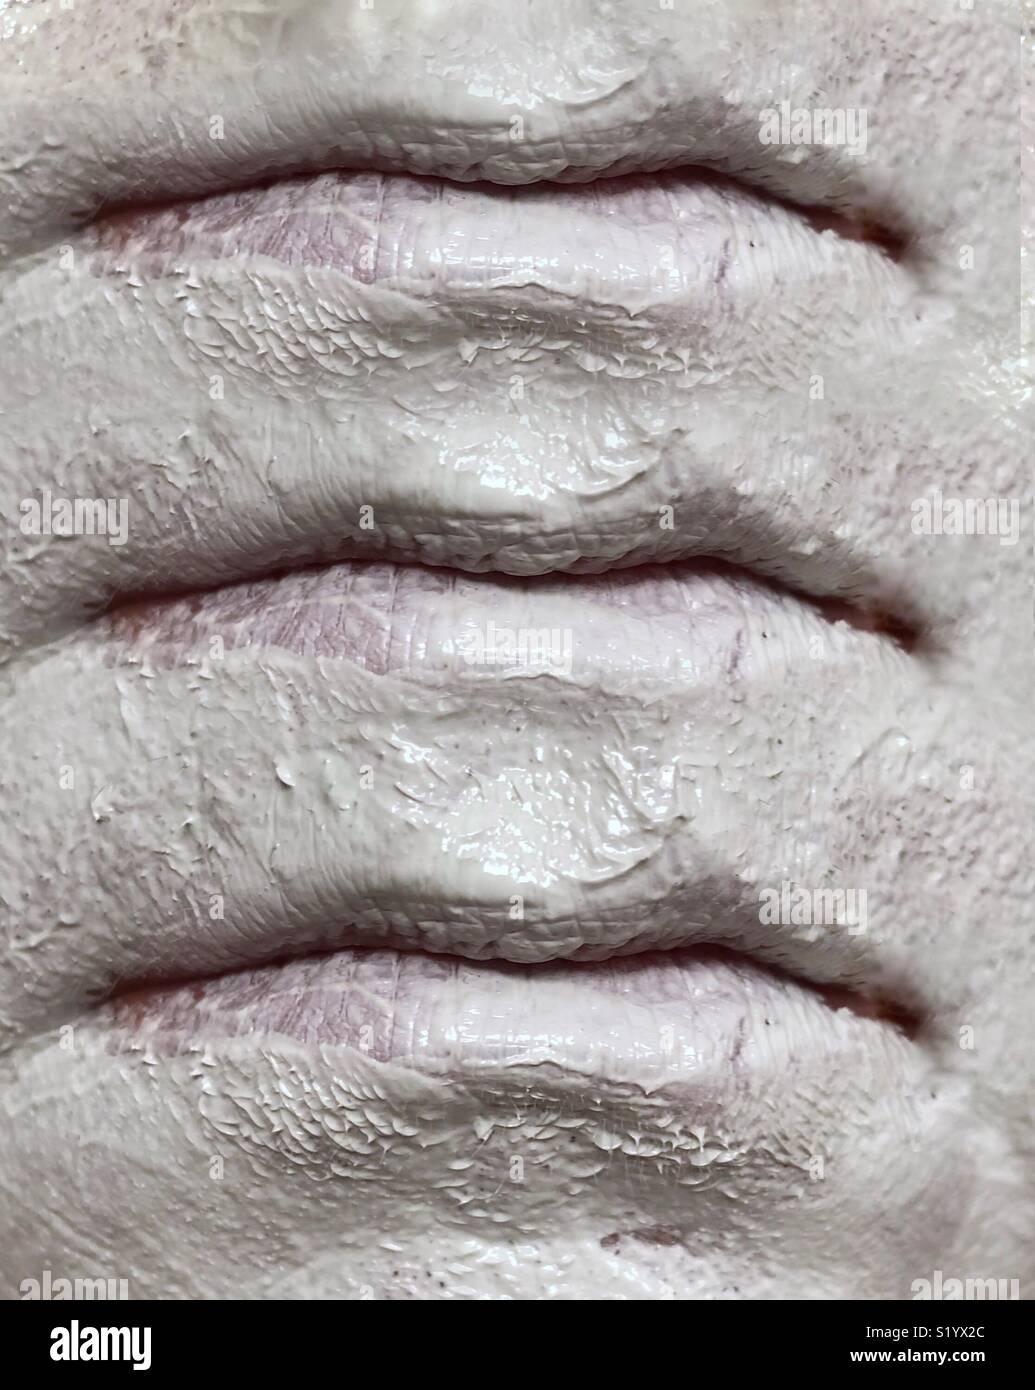 Une image abstraite de trois ensembles de lèvres, sur un visage portant un masque de boue argile blanche Photo Stock